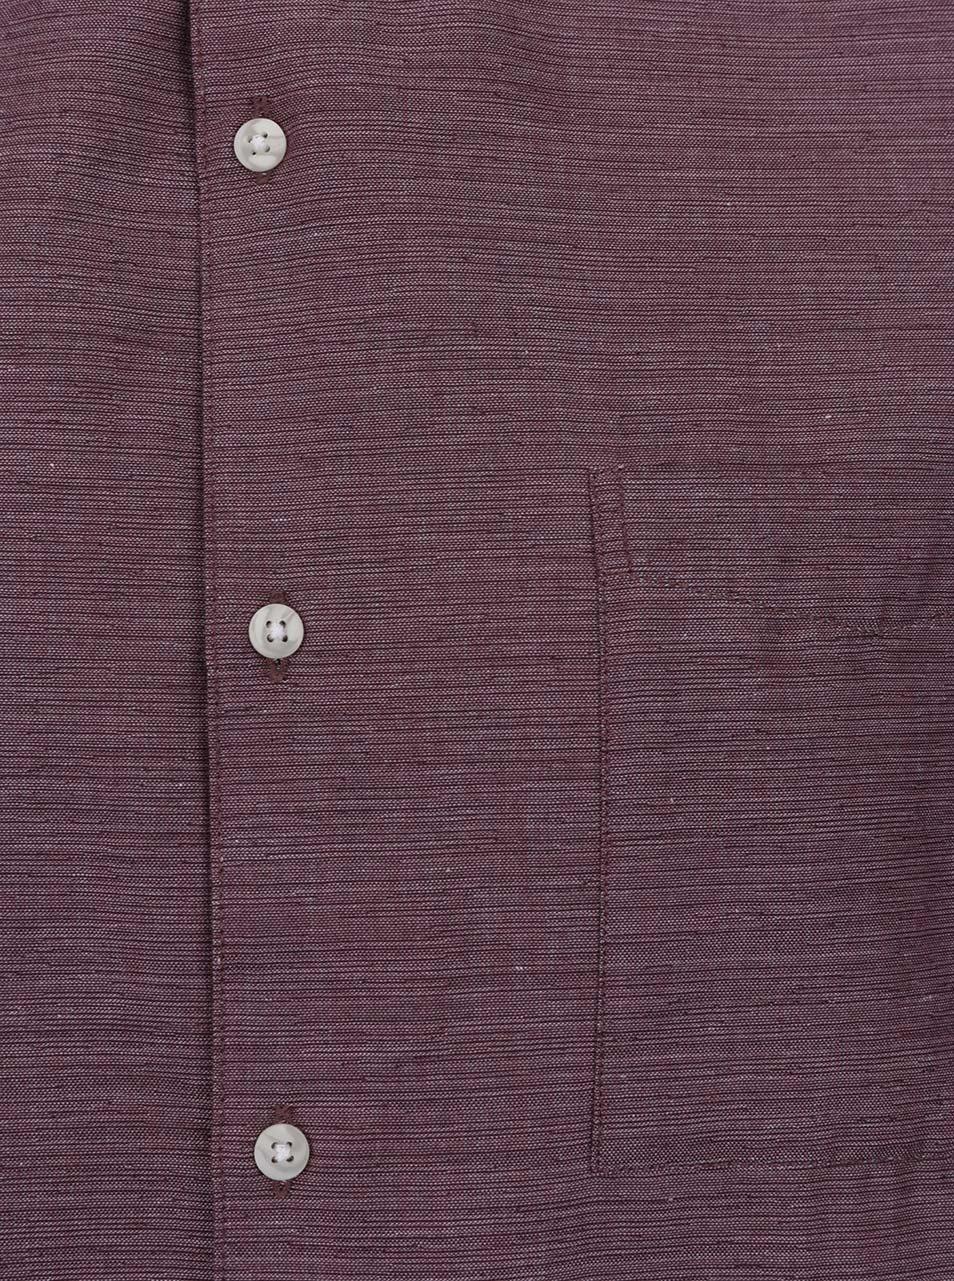 f1b983d60ca Vínová žíhaná košile bez límečku Burton Menswear London - Akční cena ...